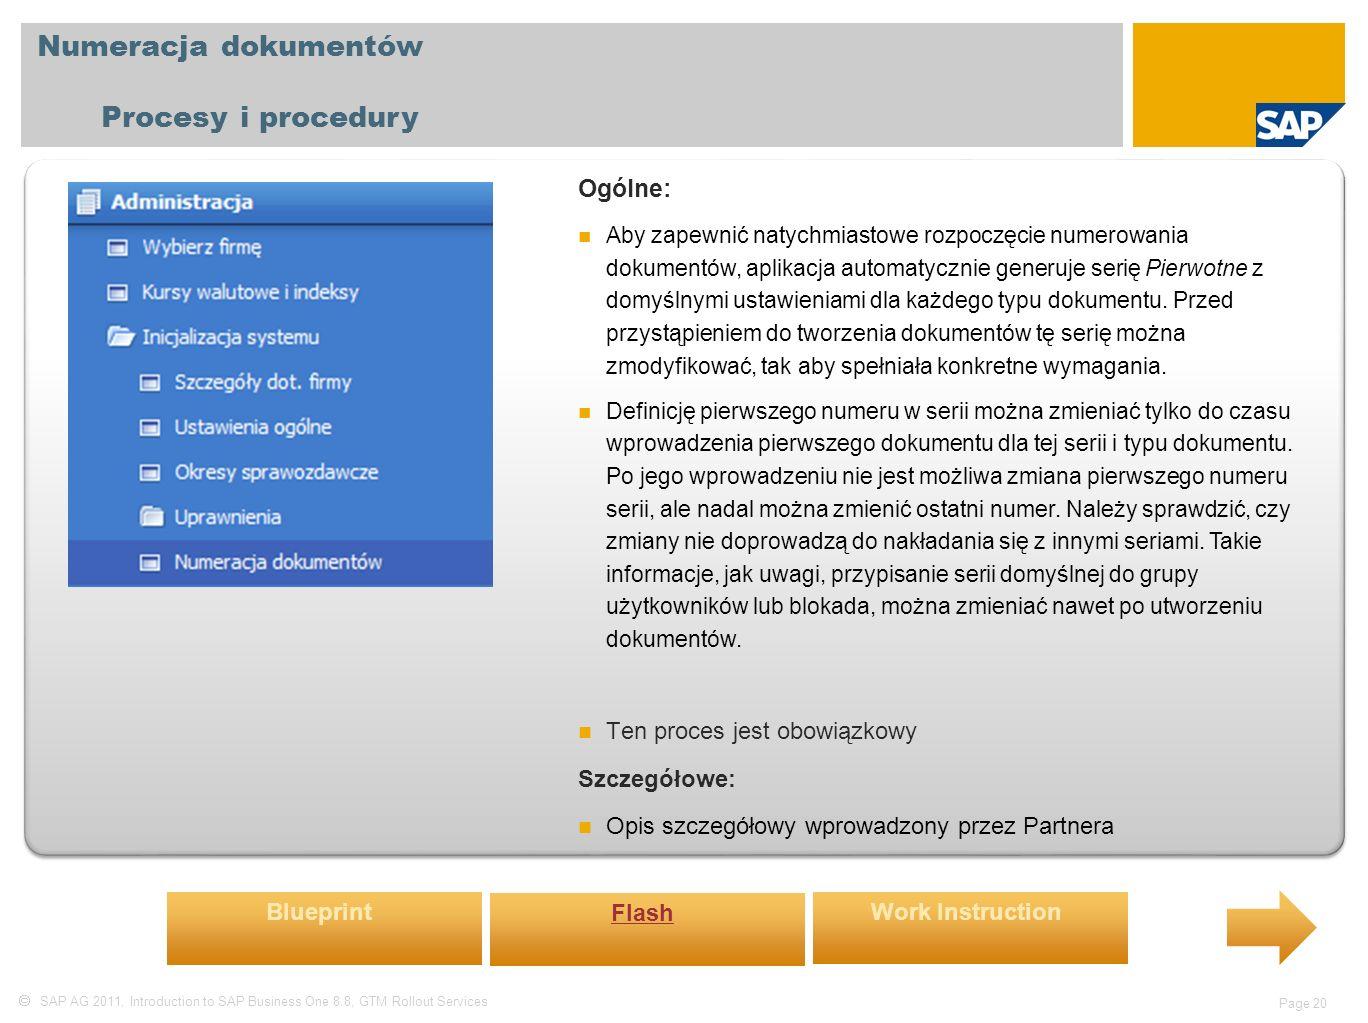  SAP AG 2011, Introduction to SAP Business One 8.8, GTM Rollout Services Page 20 Numeracja dokumentów Procesy i procedury Ogólne: Aby zapewnić natychmiastowe rozpoczęcie numerowania dokumentów, aplikacja automatycznie generuje serię Pierwotne z domyślnymi ustawieniami dla każdego typu dokumentu.